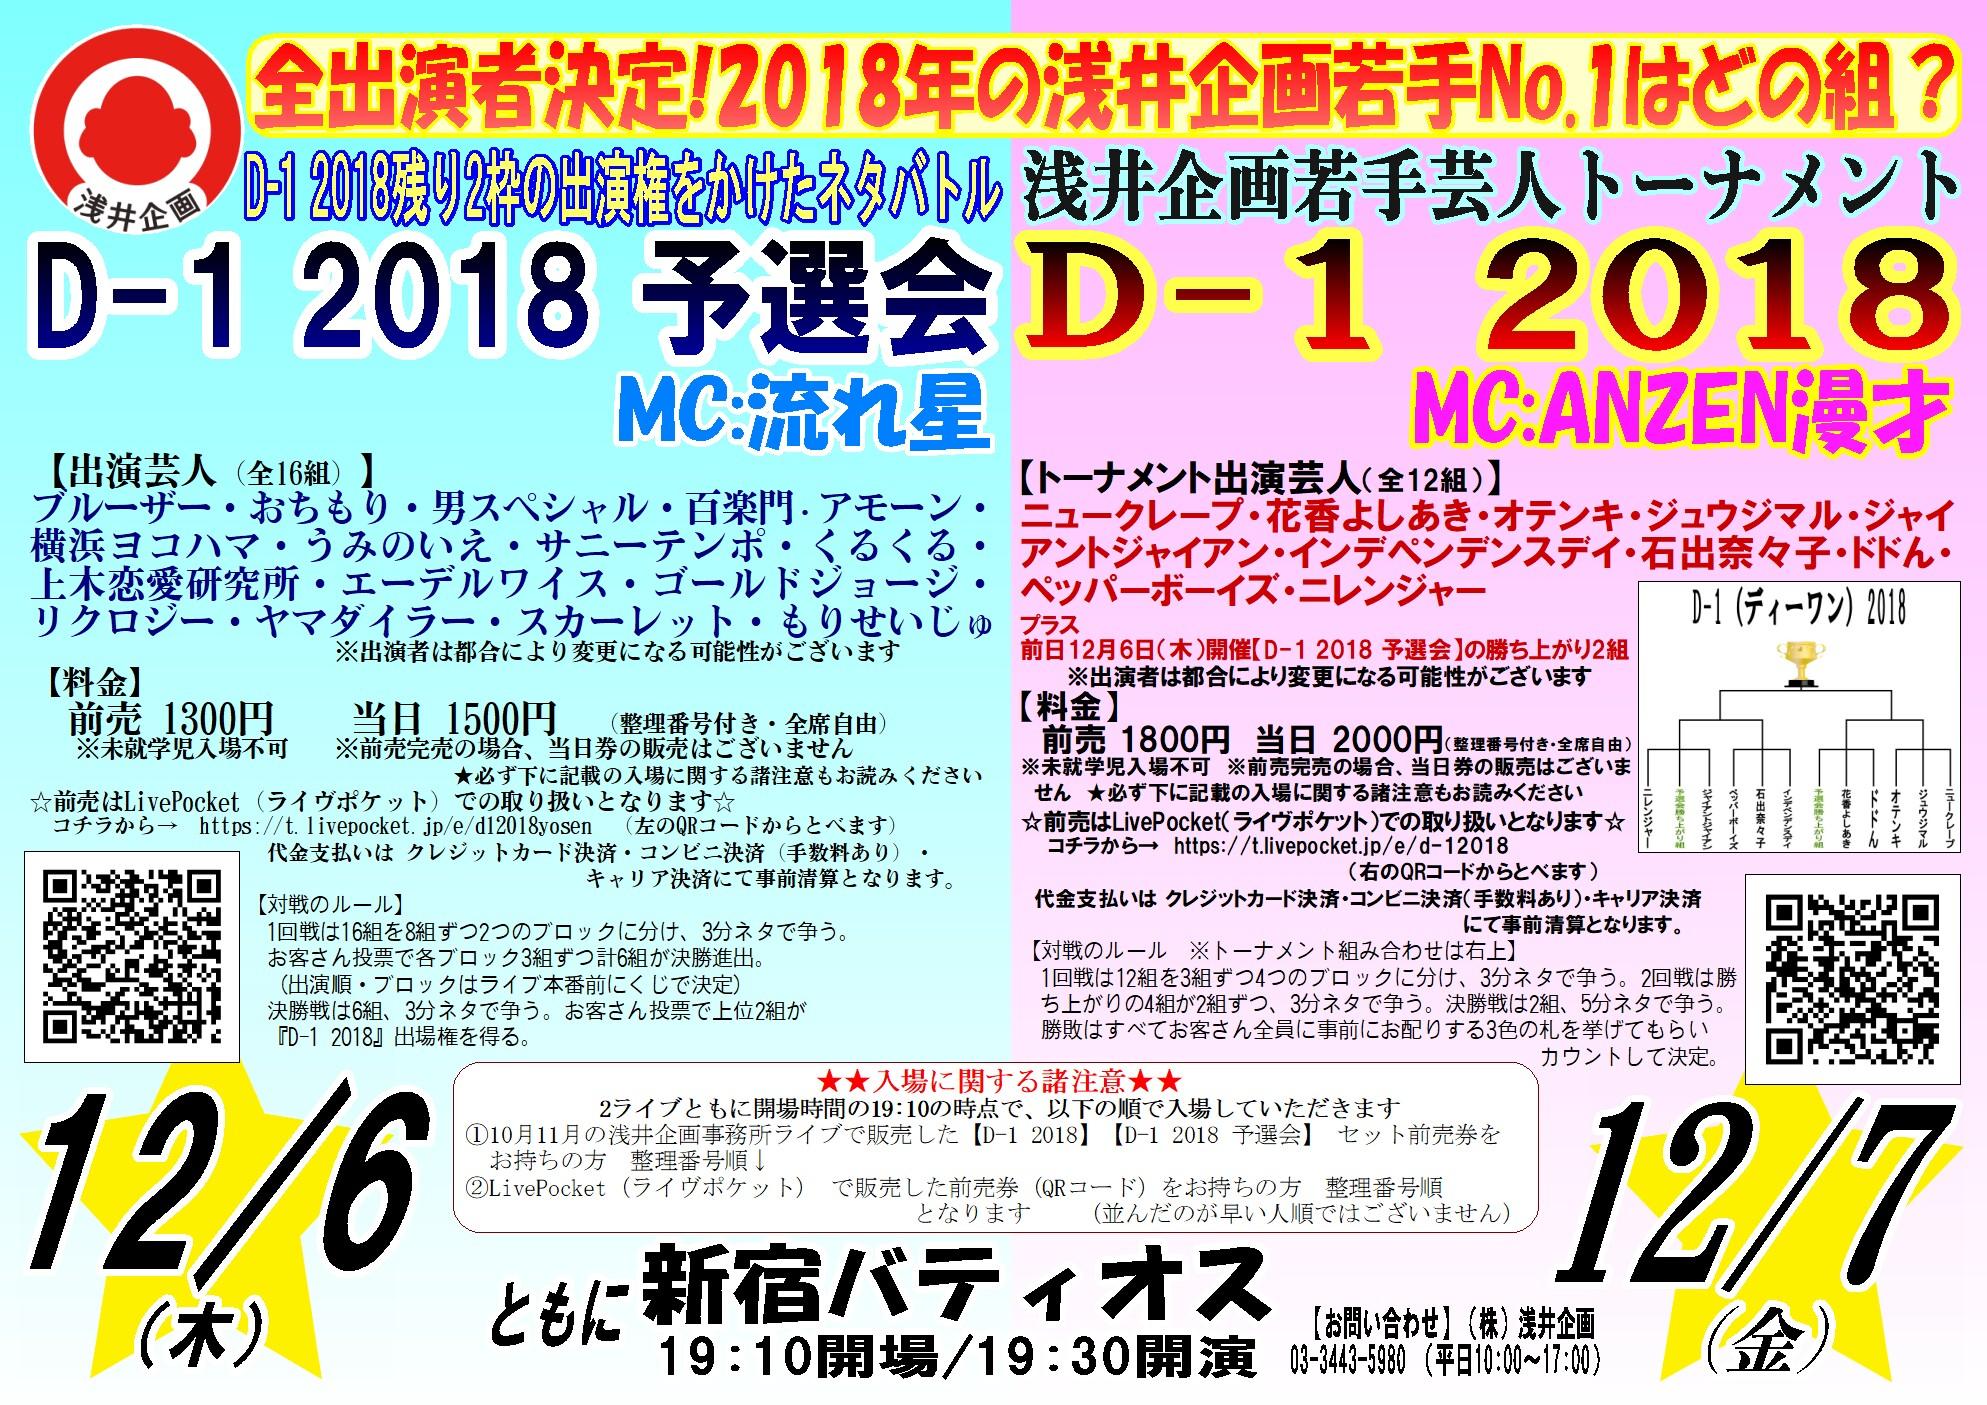 『D-1 2018 予選会』浅井企画主催お笑いライブ